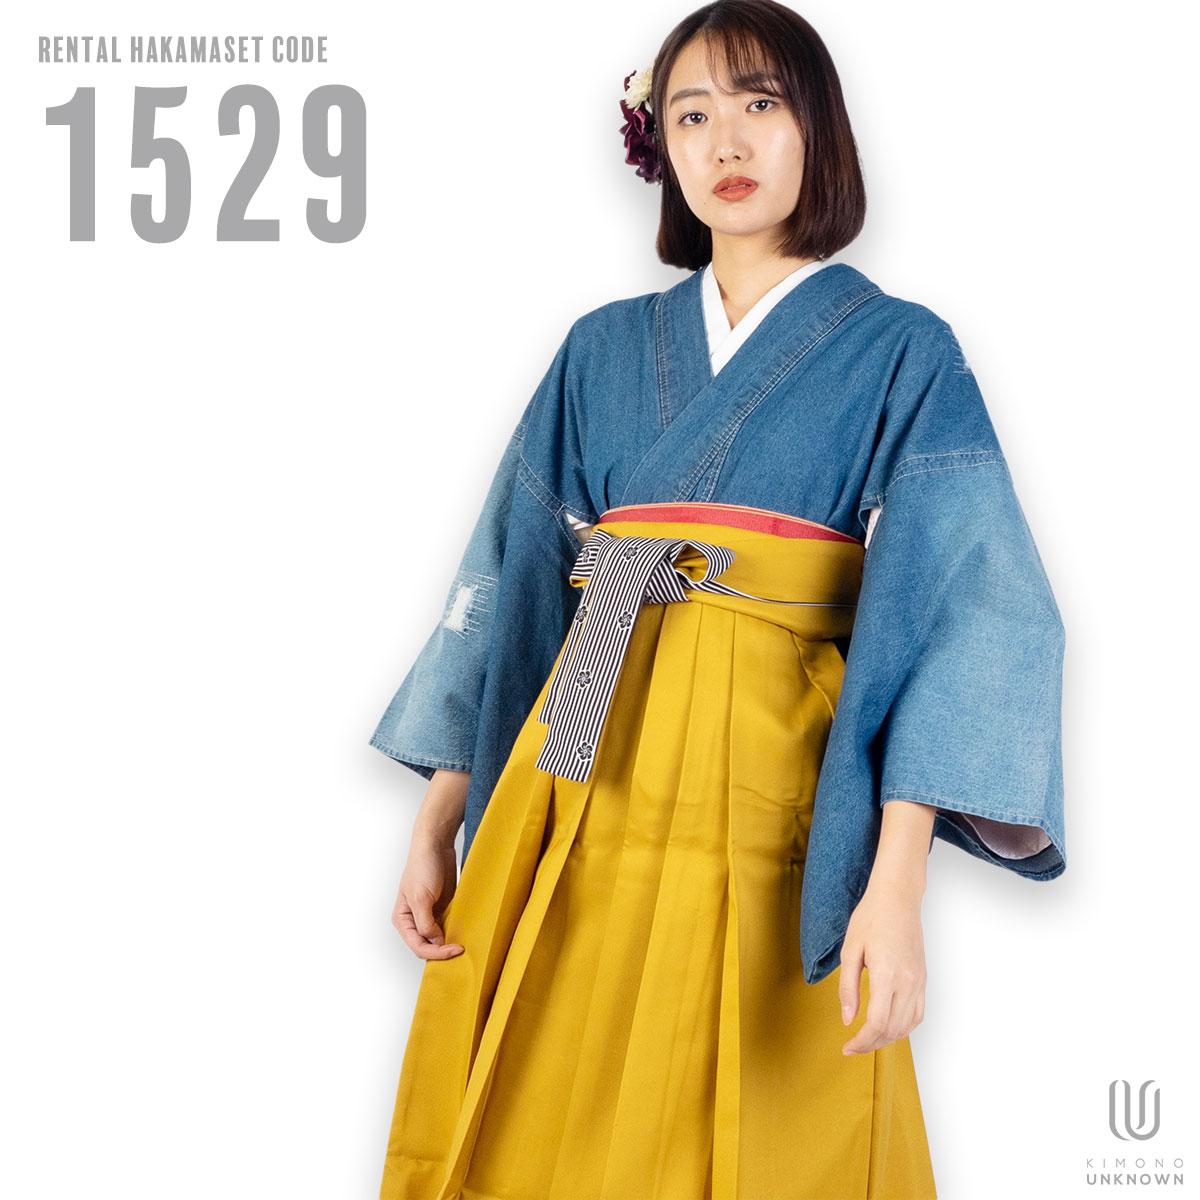 【レンタル】【対応身長157cm~165cm】【キュート】卒業式レンタル袴フルセット-1529|クラッシュデニム|青|水色|黄色|